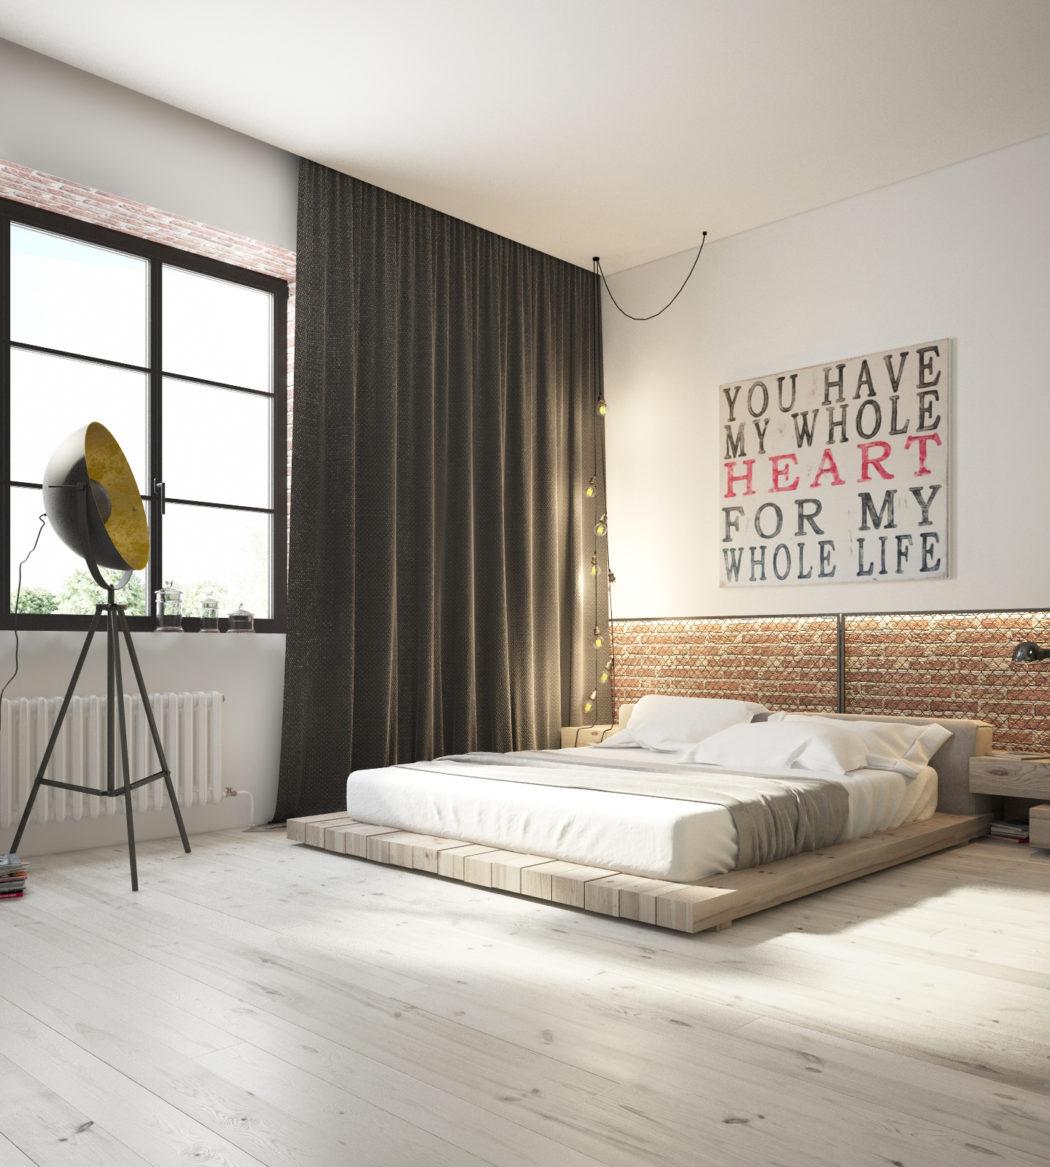 3D ontwerpen van een industriële loft slaapkamer | Slaapkamer ideeën